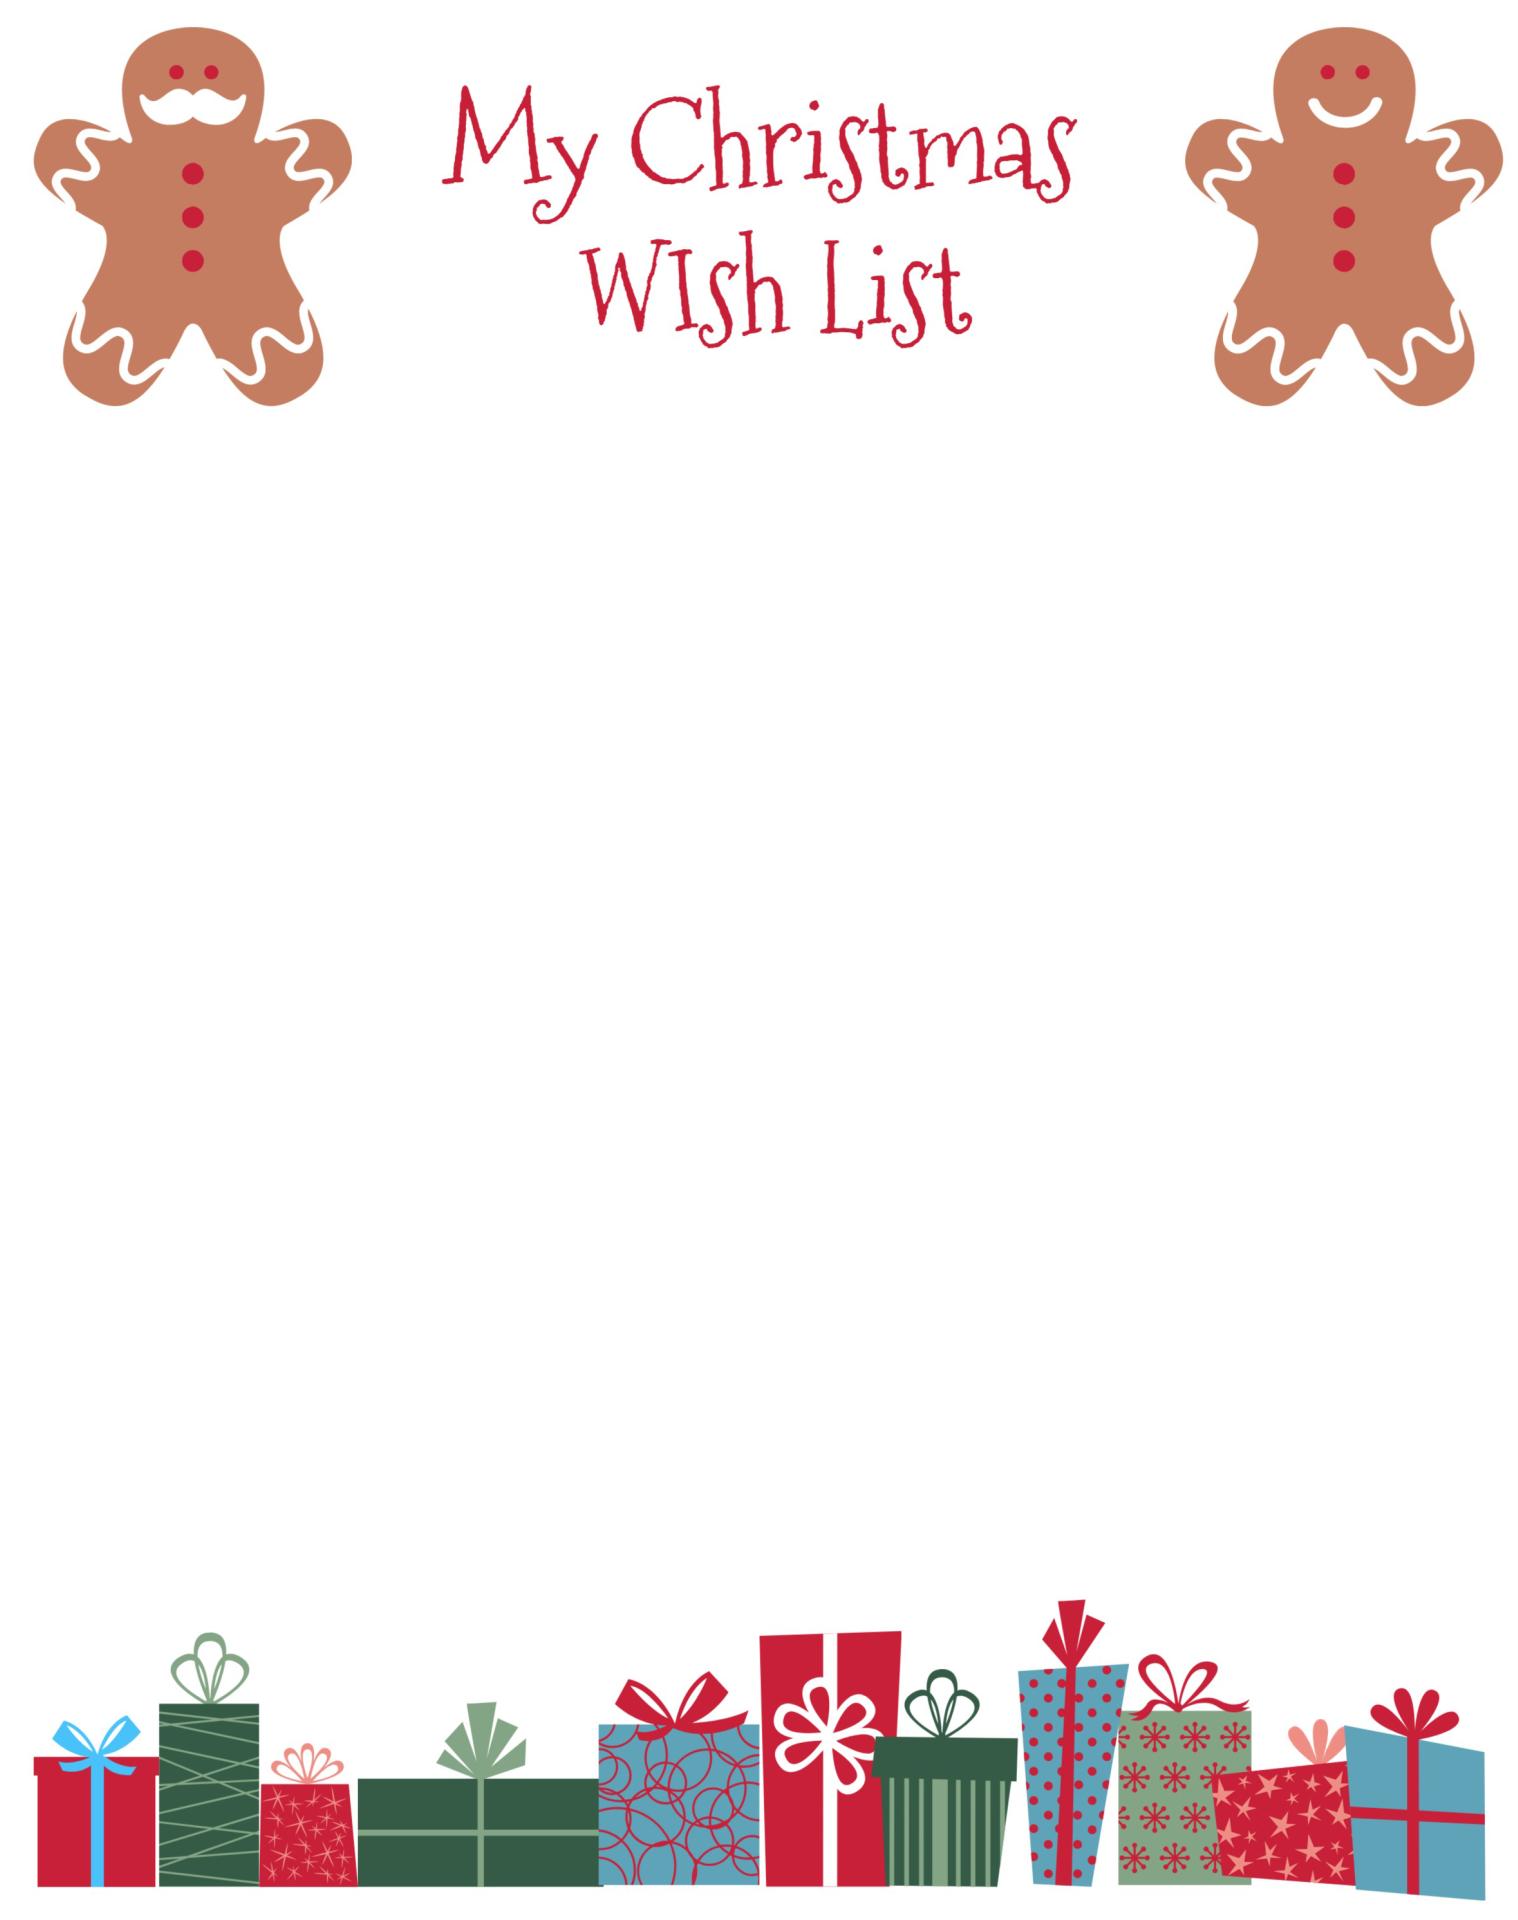 My Christmas Wish List Printable